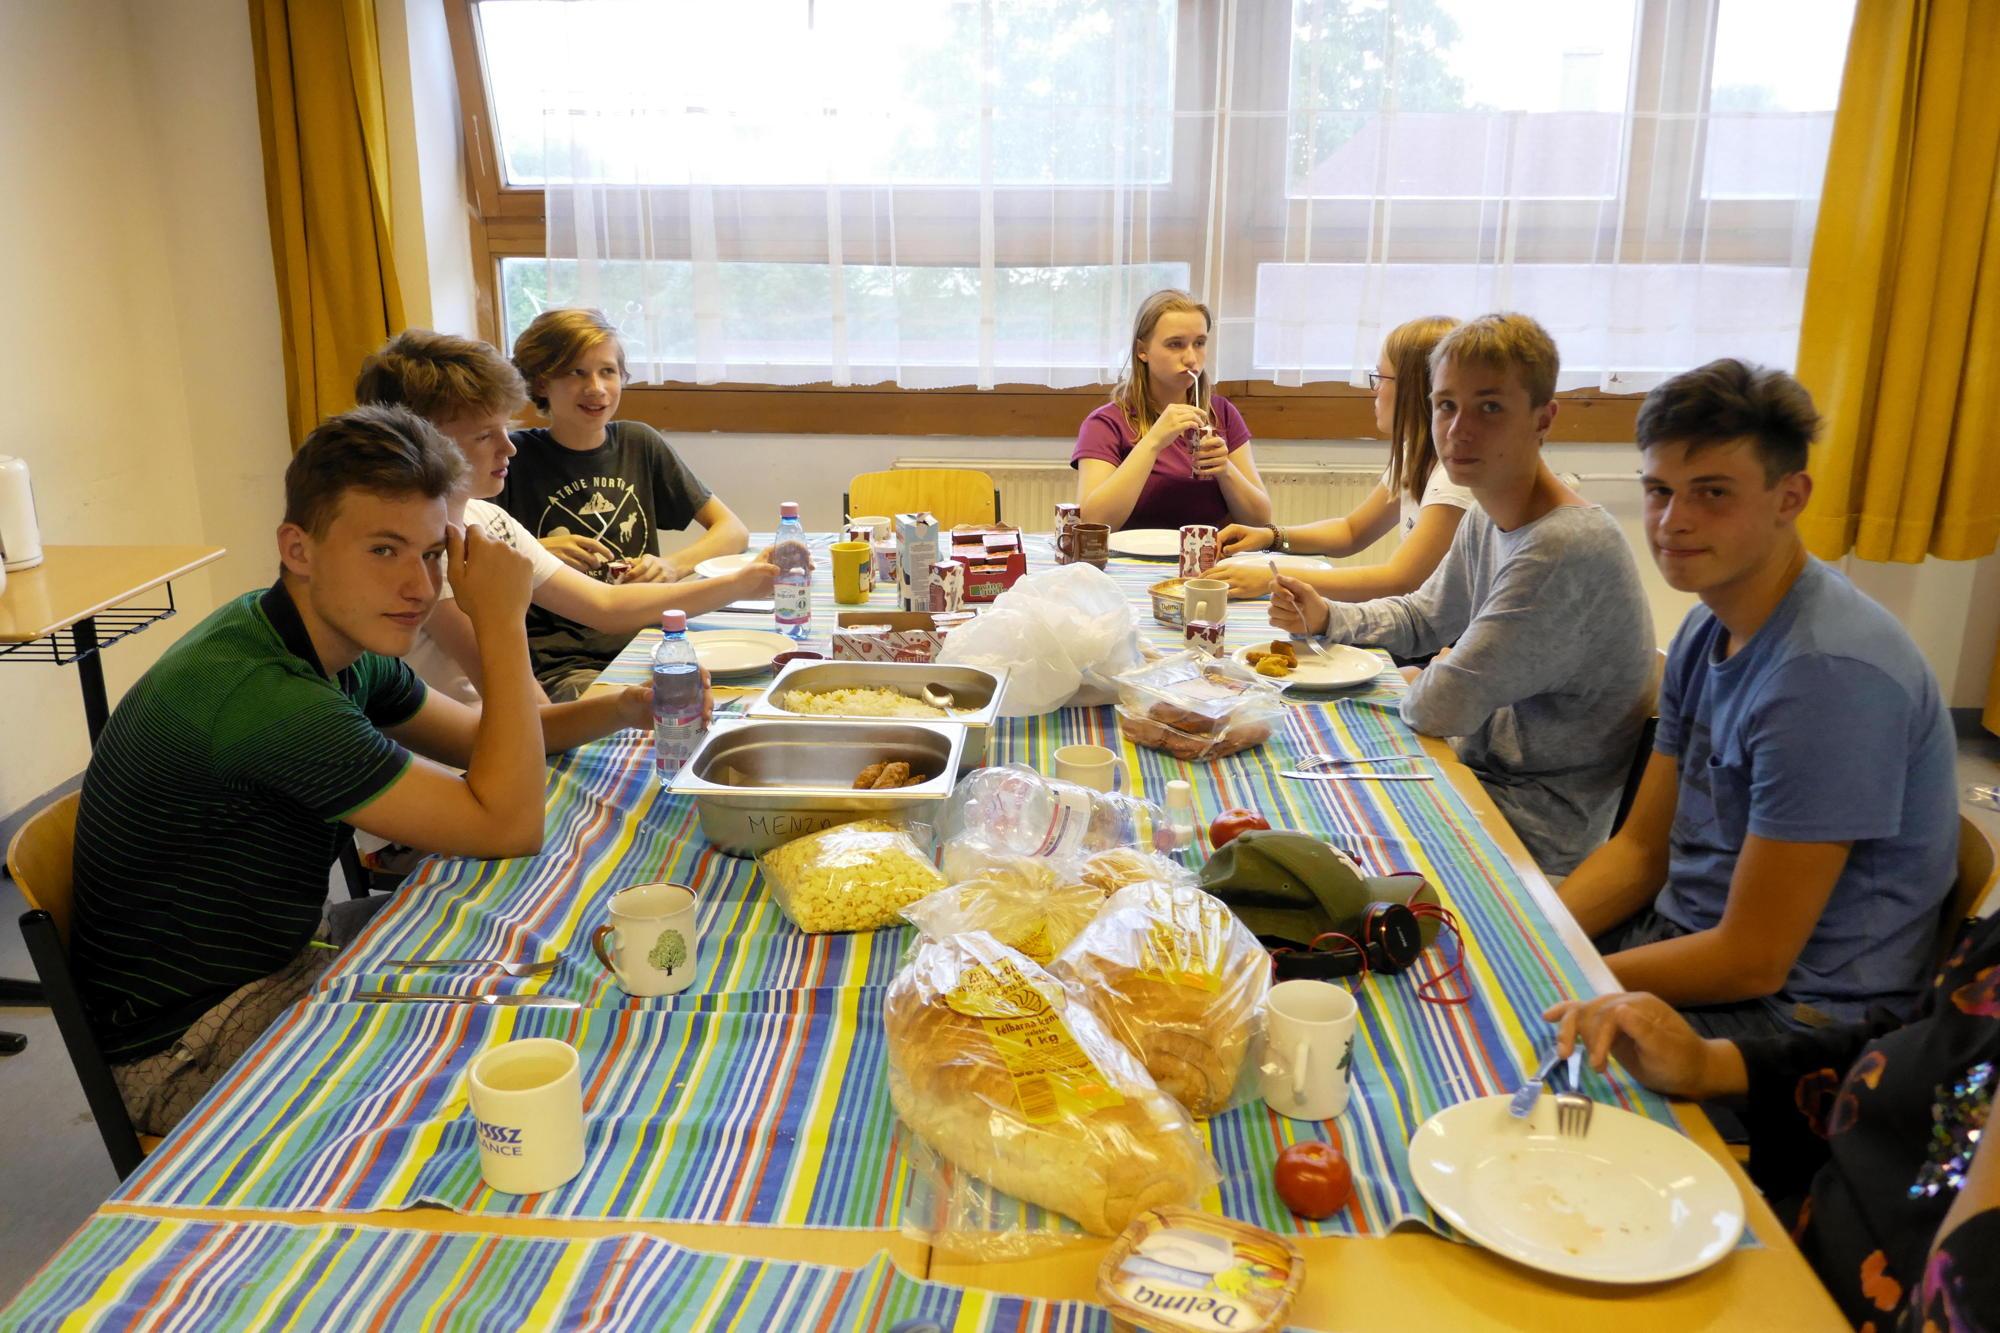 Die Schnitzel, der Reis, die Brote, Müsli-Bärchen und alle Anderen…